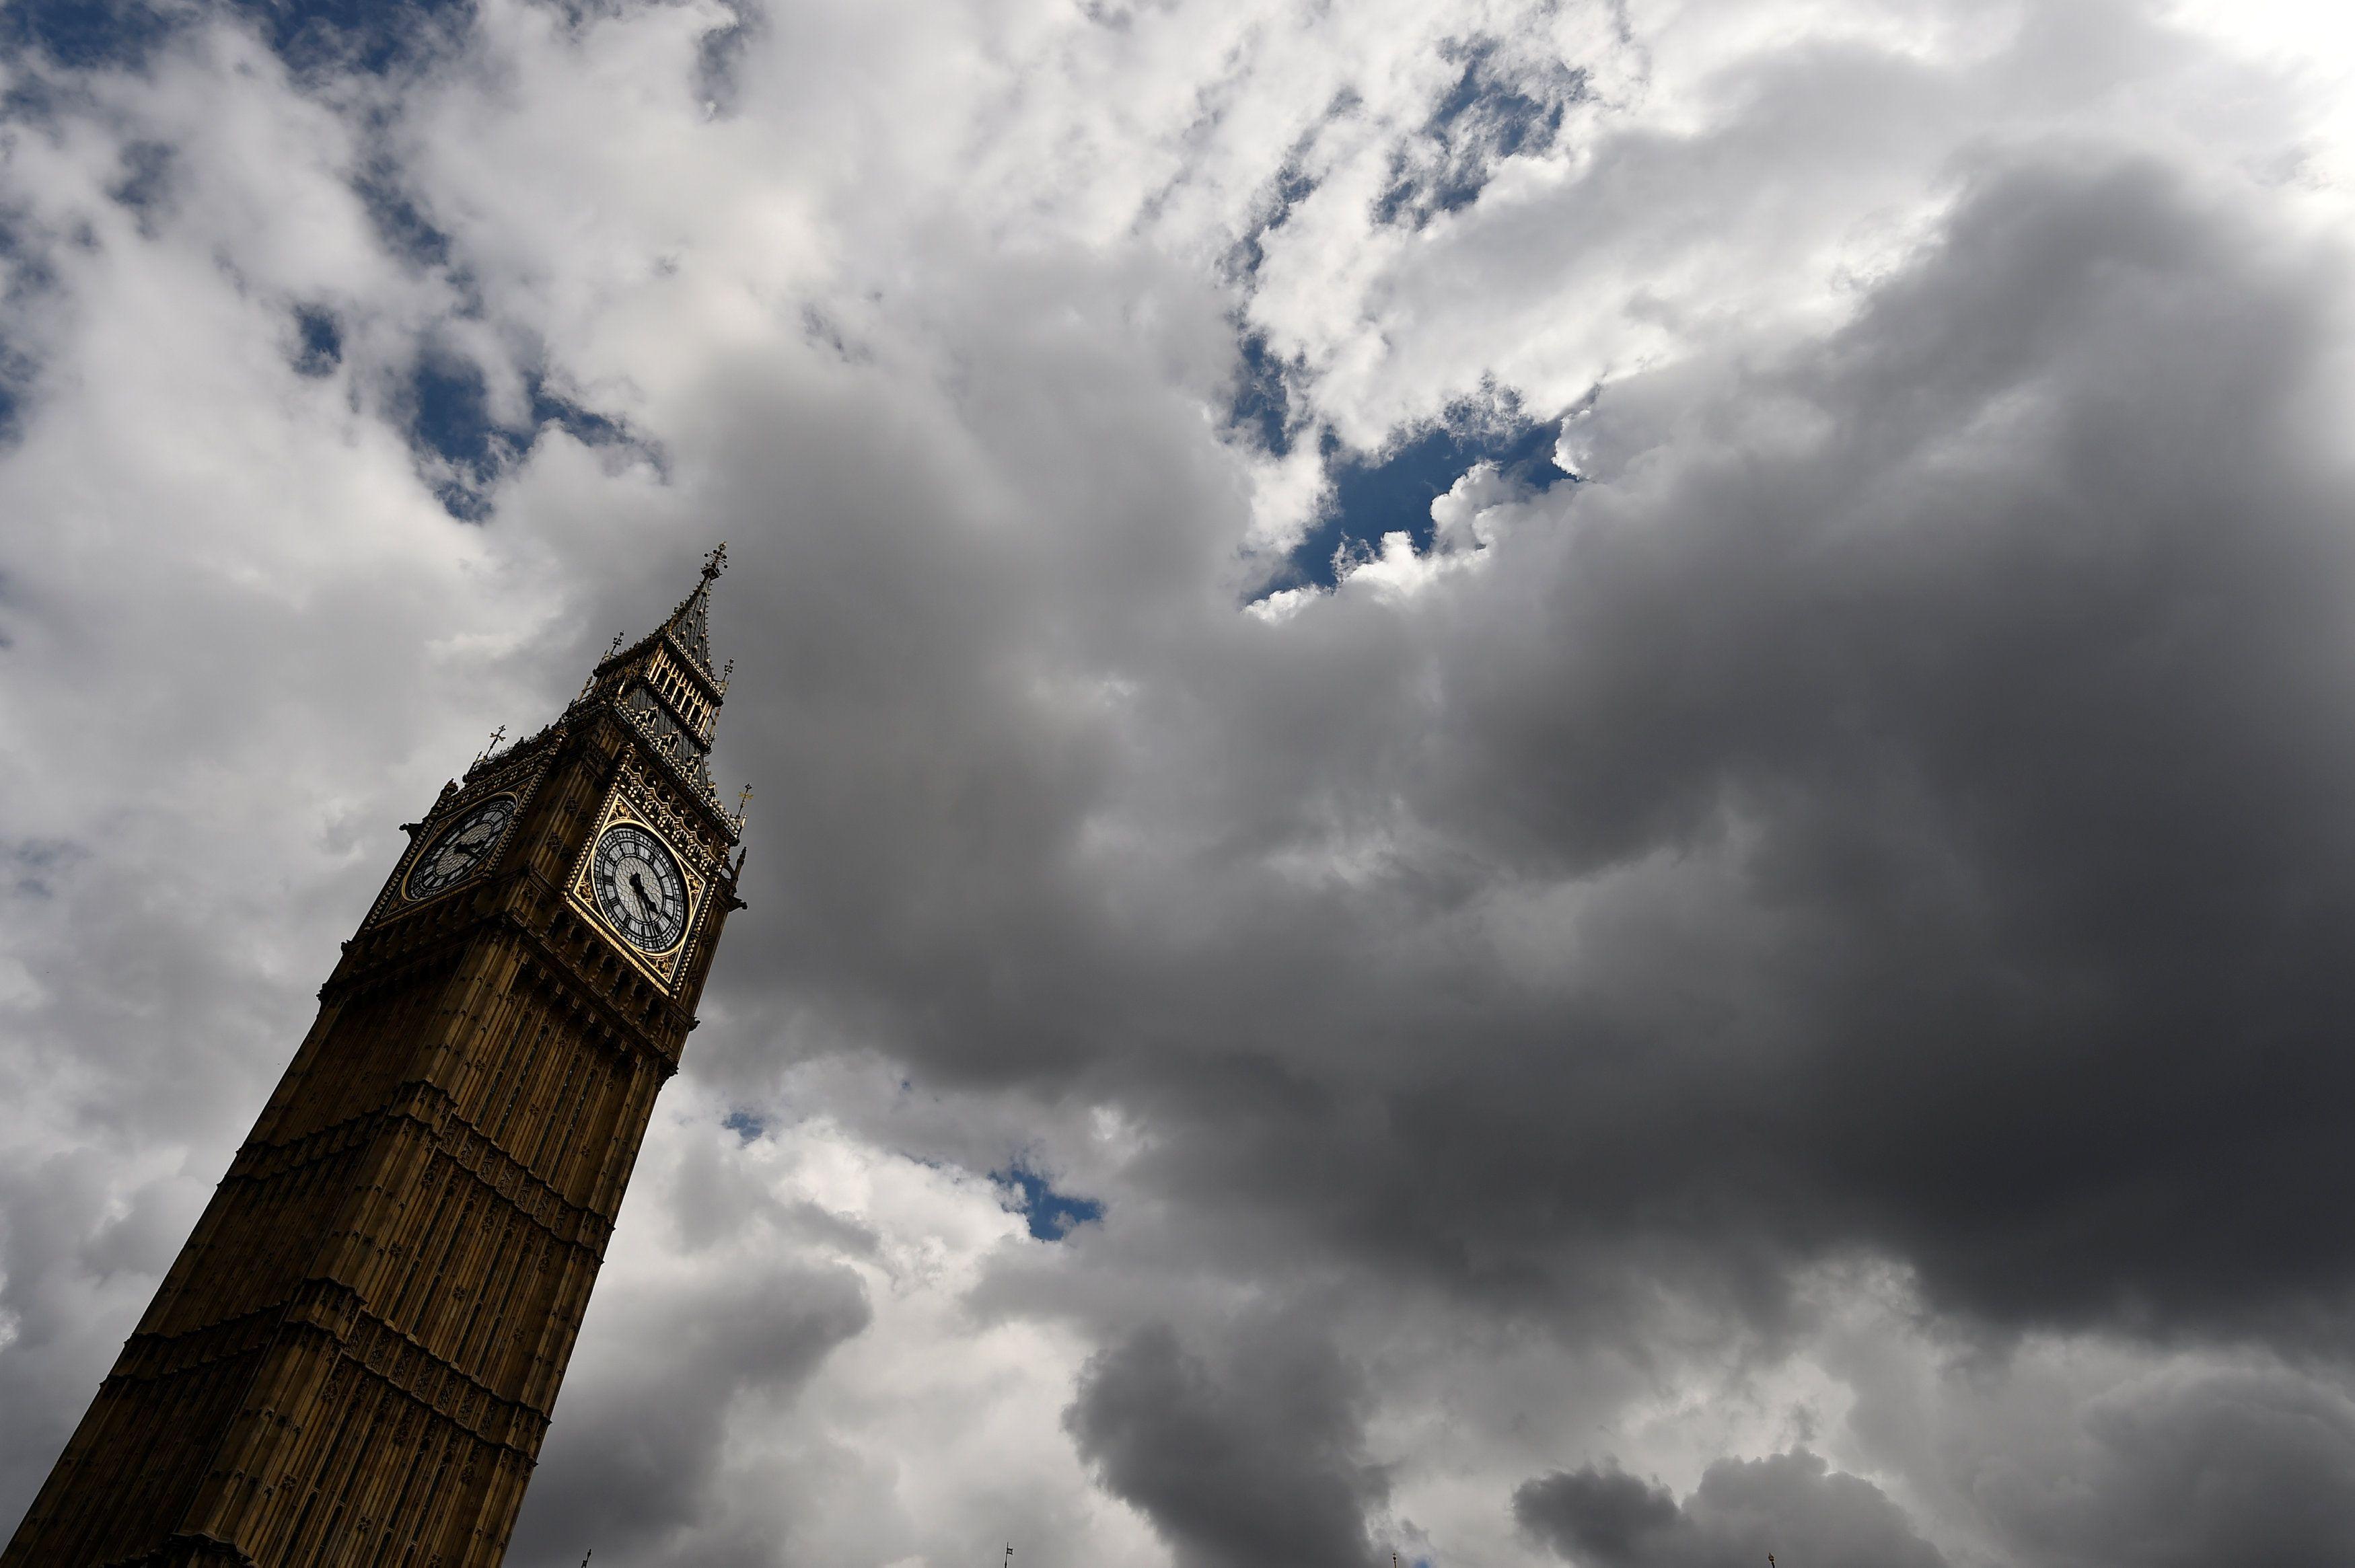 Лондону стоит серьезно обеспокоиться своей репутацией